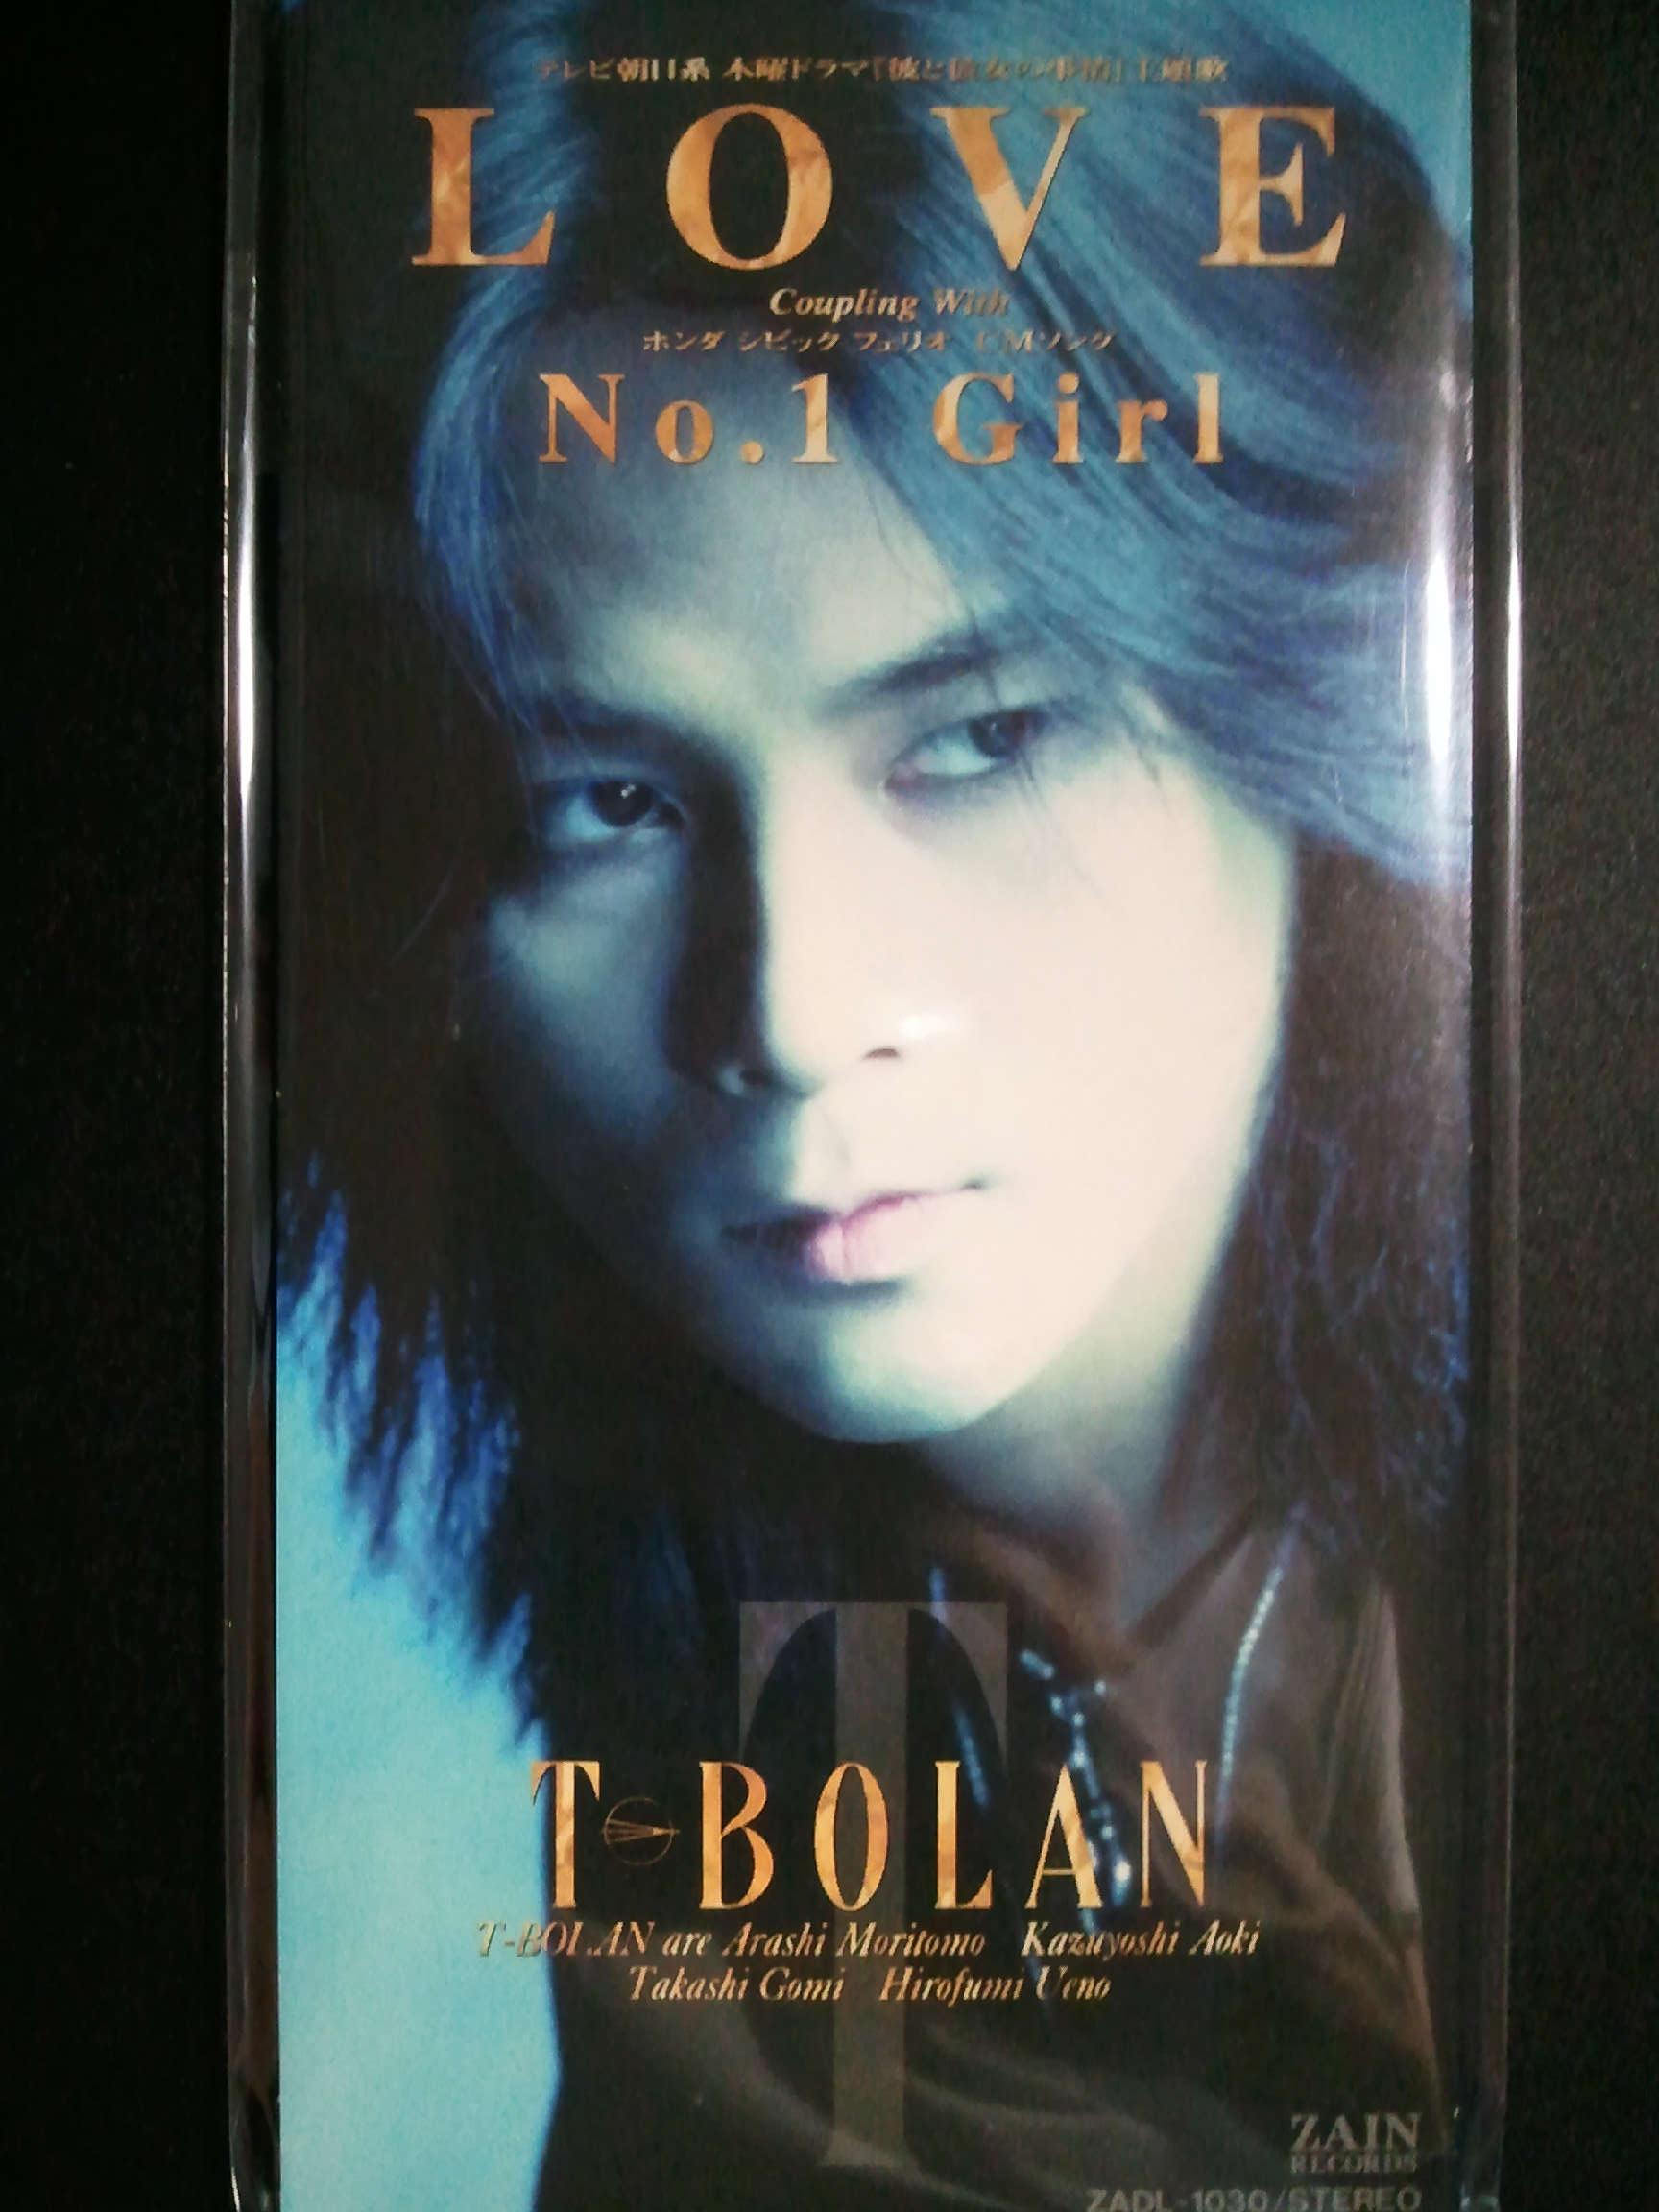 T-BOLAN Love